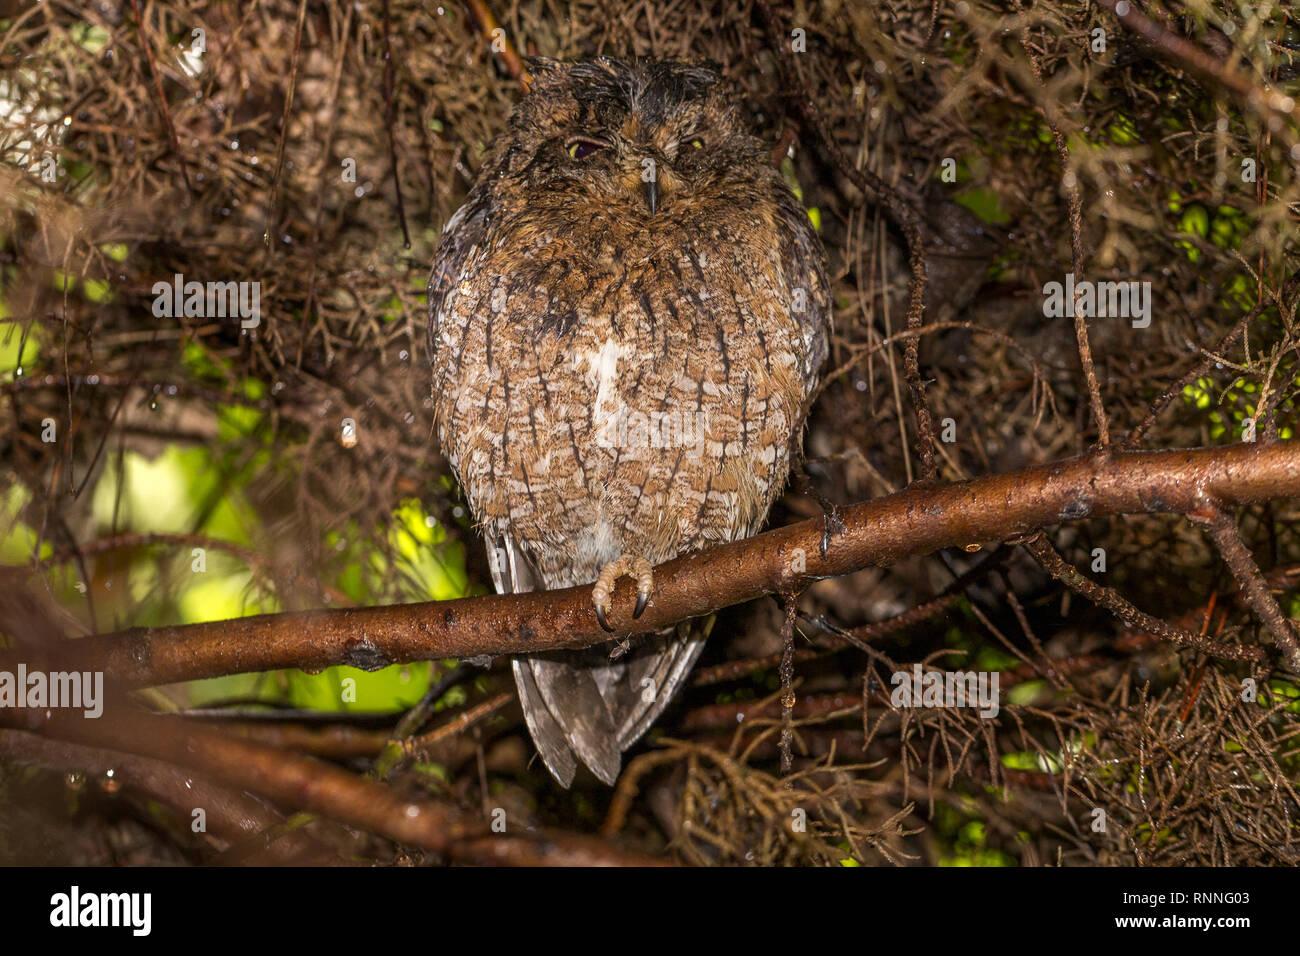 Scops Owl asleep 'Tonga Soa' Reserve Andasibe-Mantadia National Park Madagascar - Stock Image